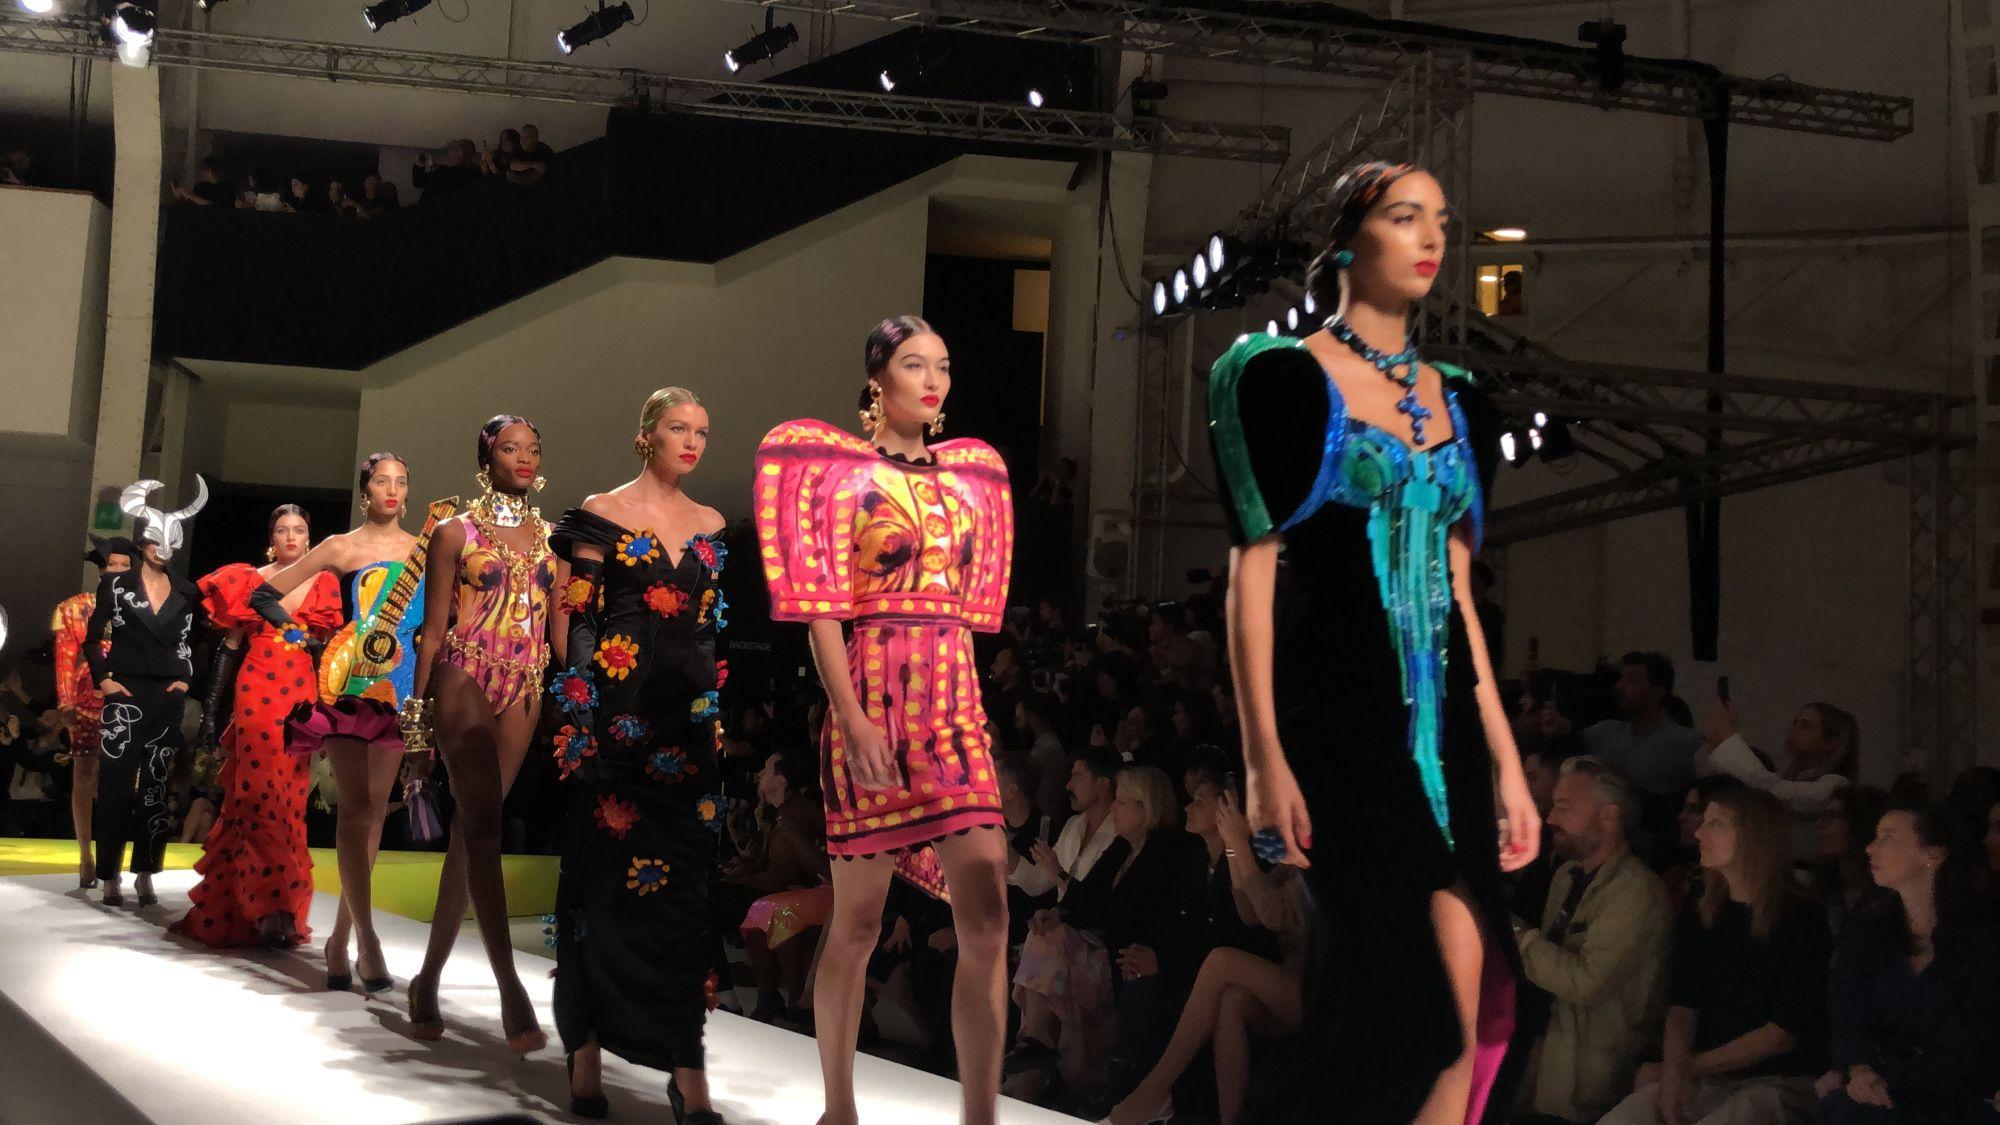 Milan Fashion Week Spring/Summer 2020: Day 2 Highlights